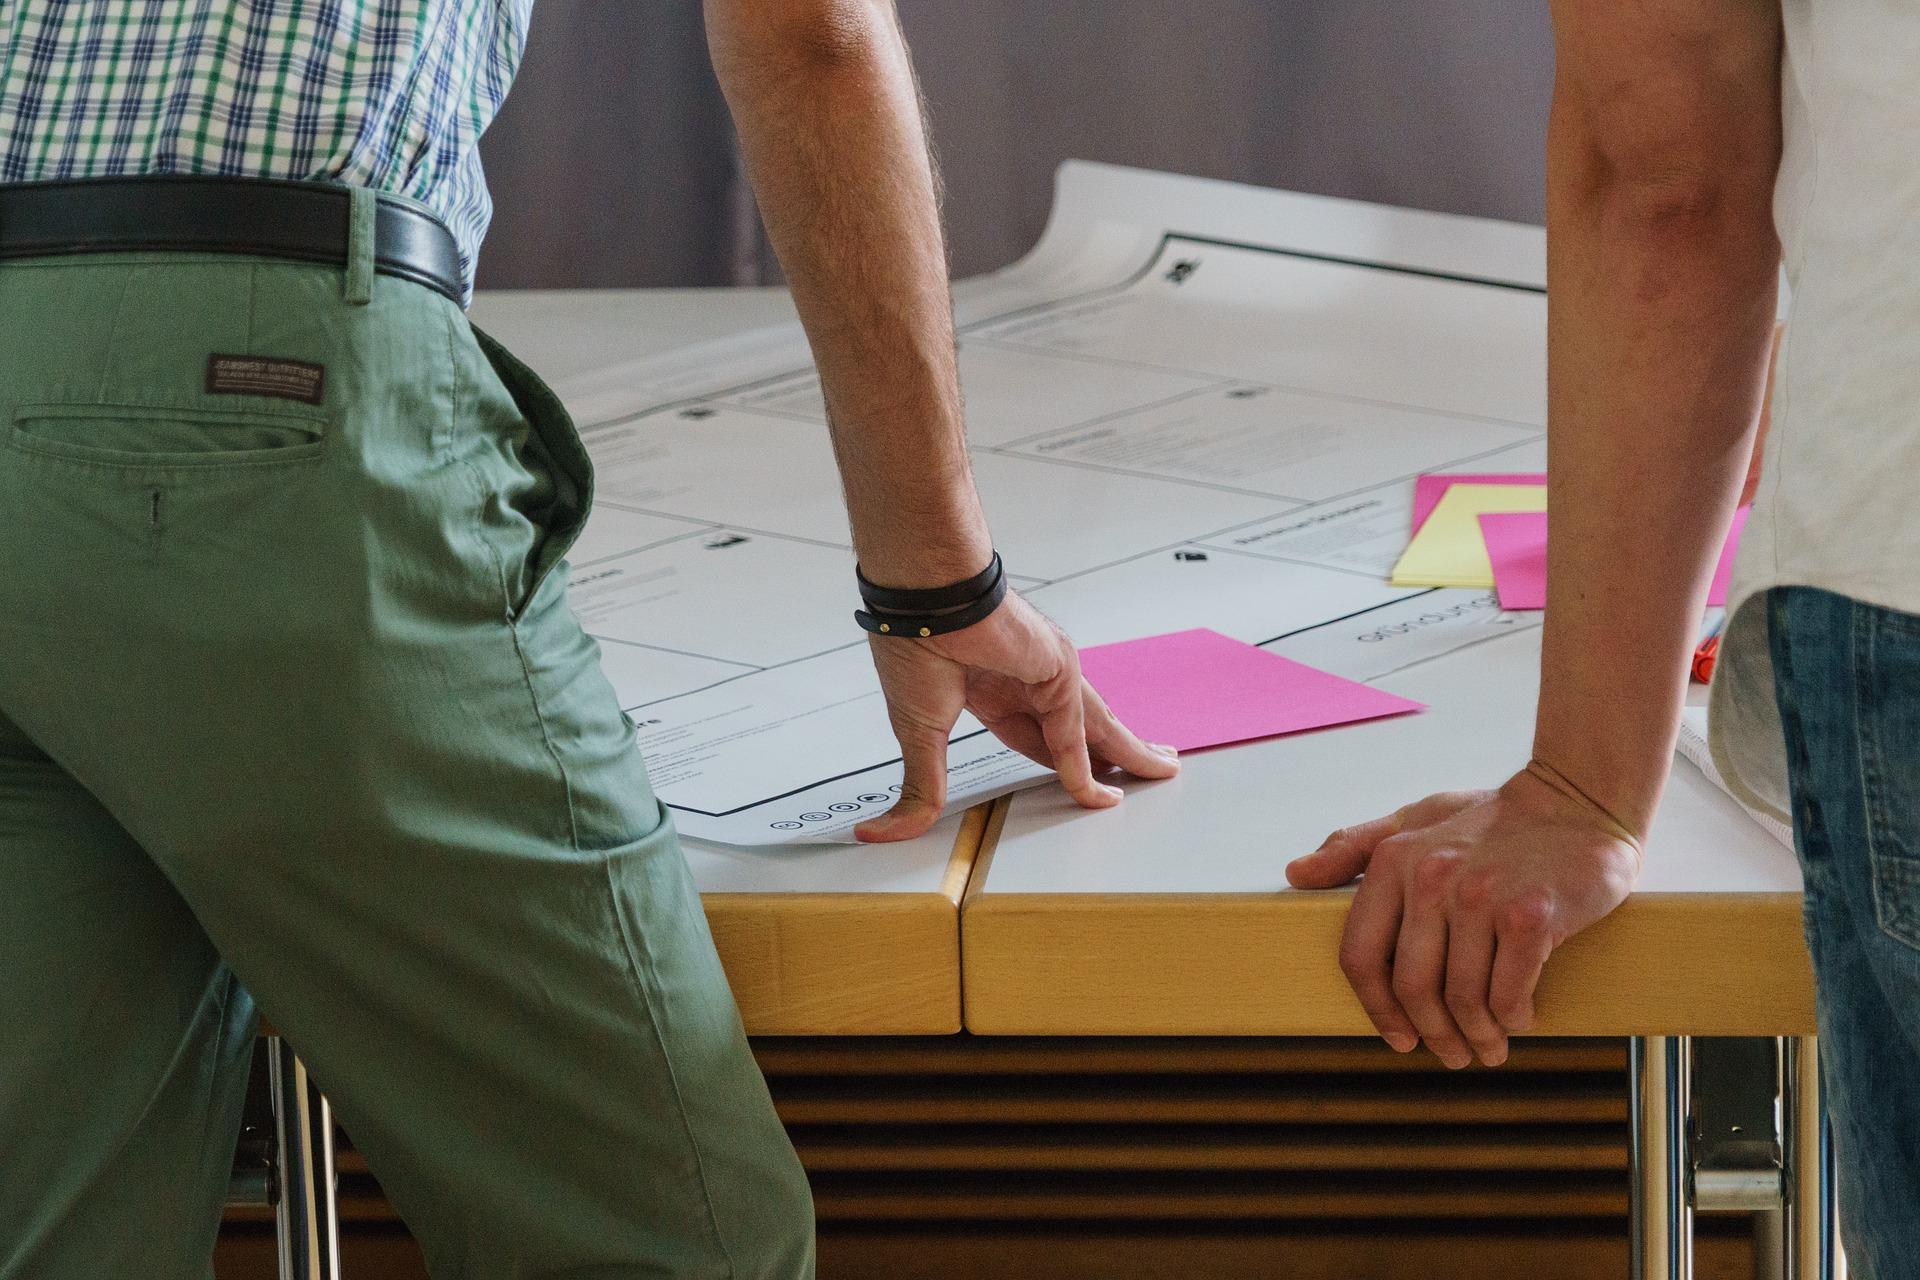 Ce qu'il faut savoir sur le design thinking